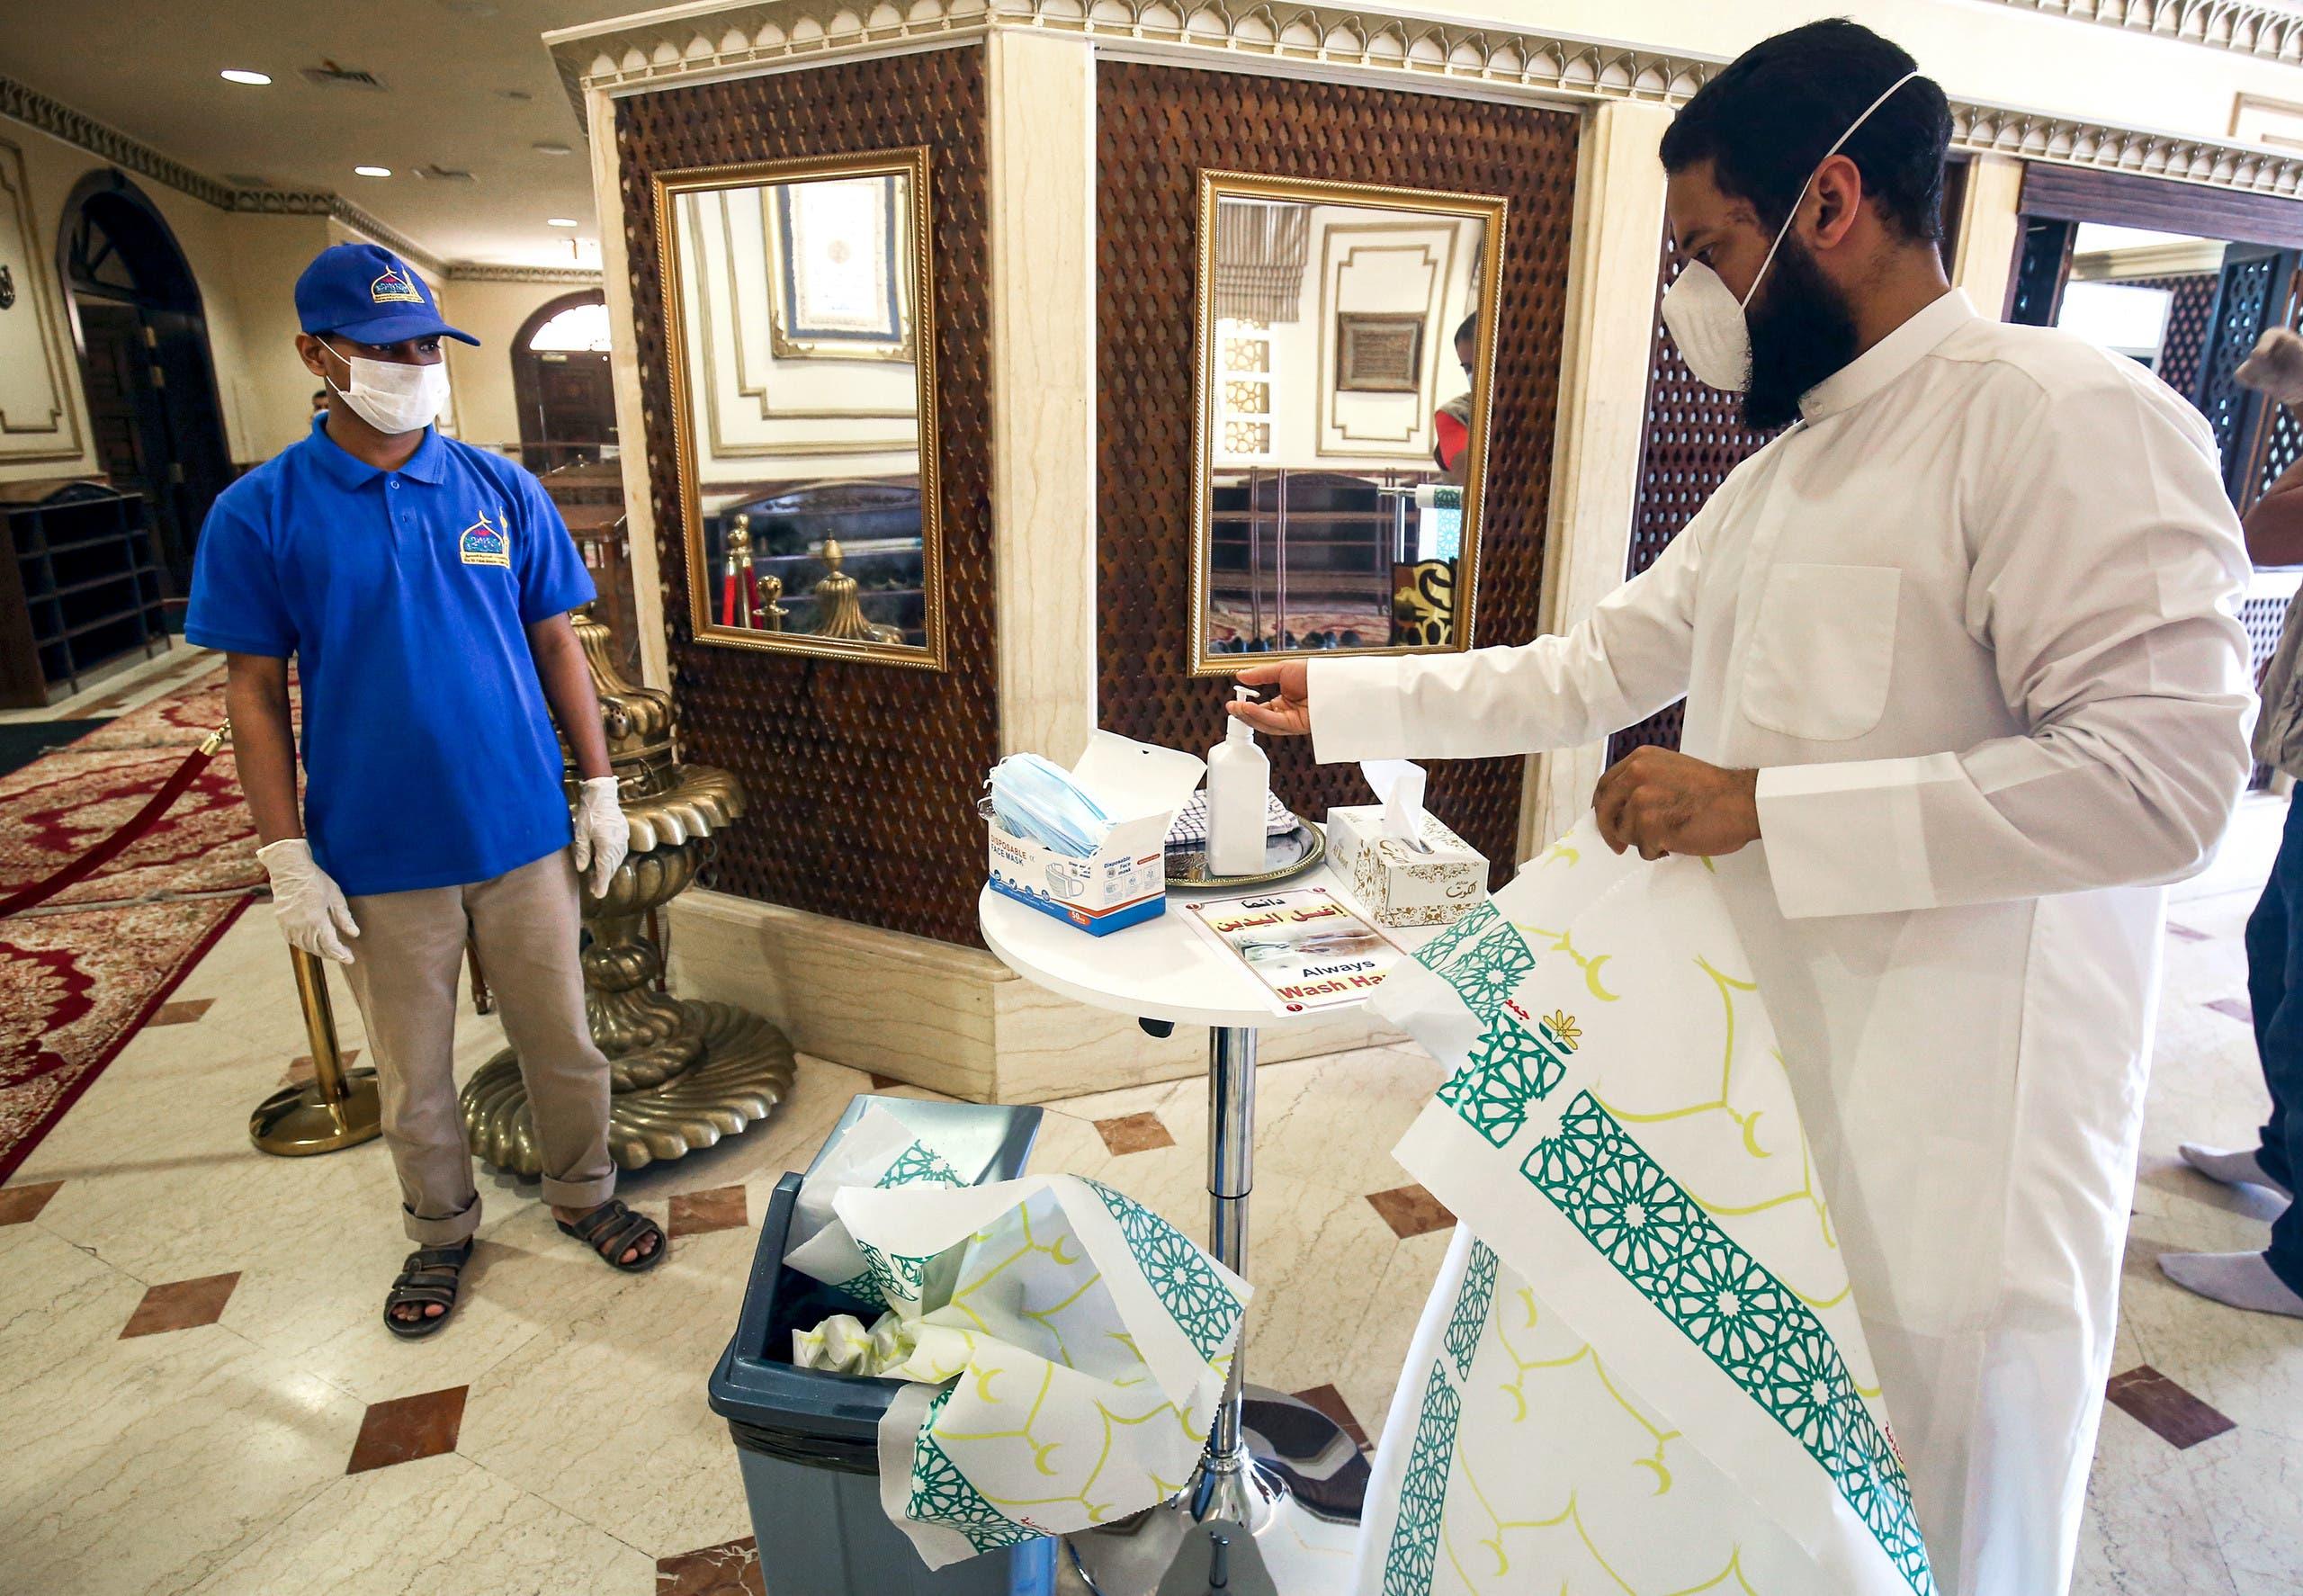 كمامات ومعقمات وتباعد على مدخل مسجد في الكويت للوقاية من كورونا